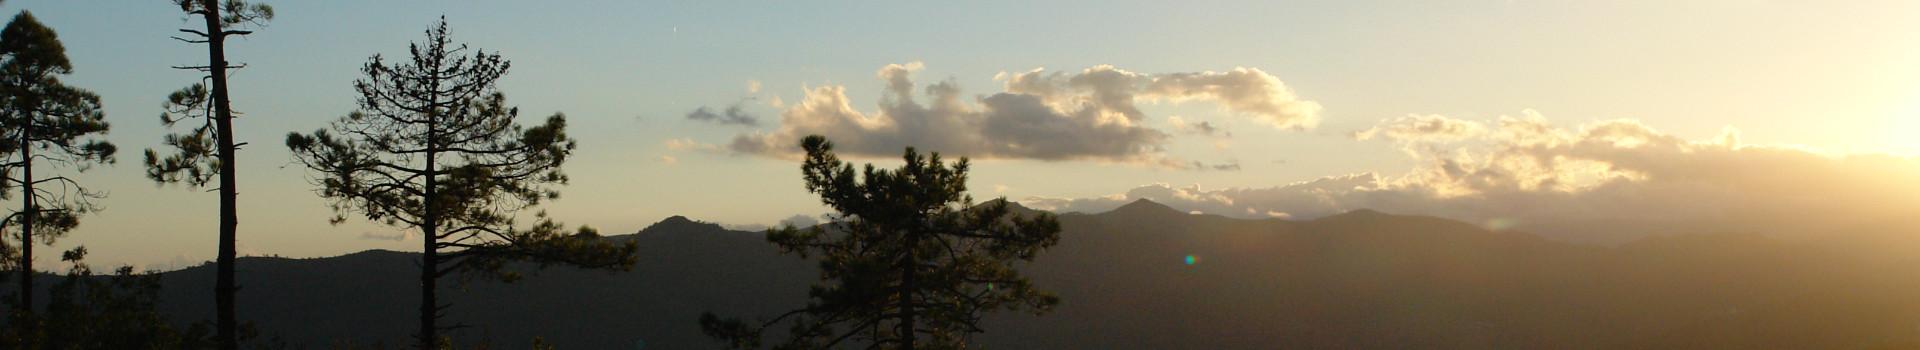 Hike & Seek – Mehr sehen beim Wandern